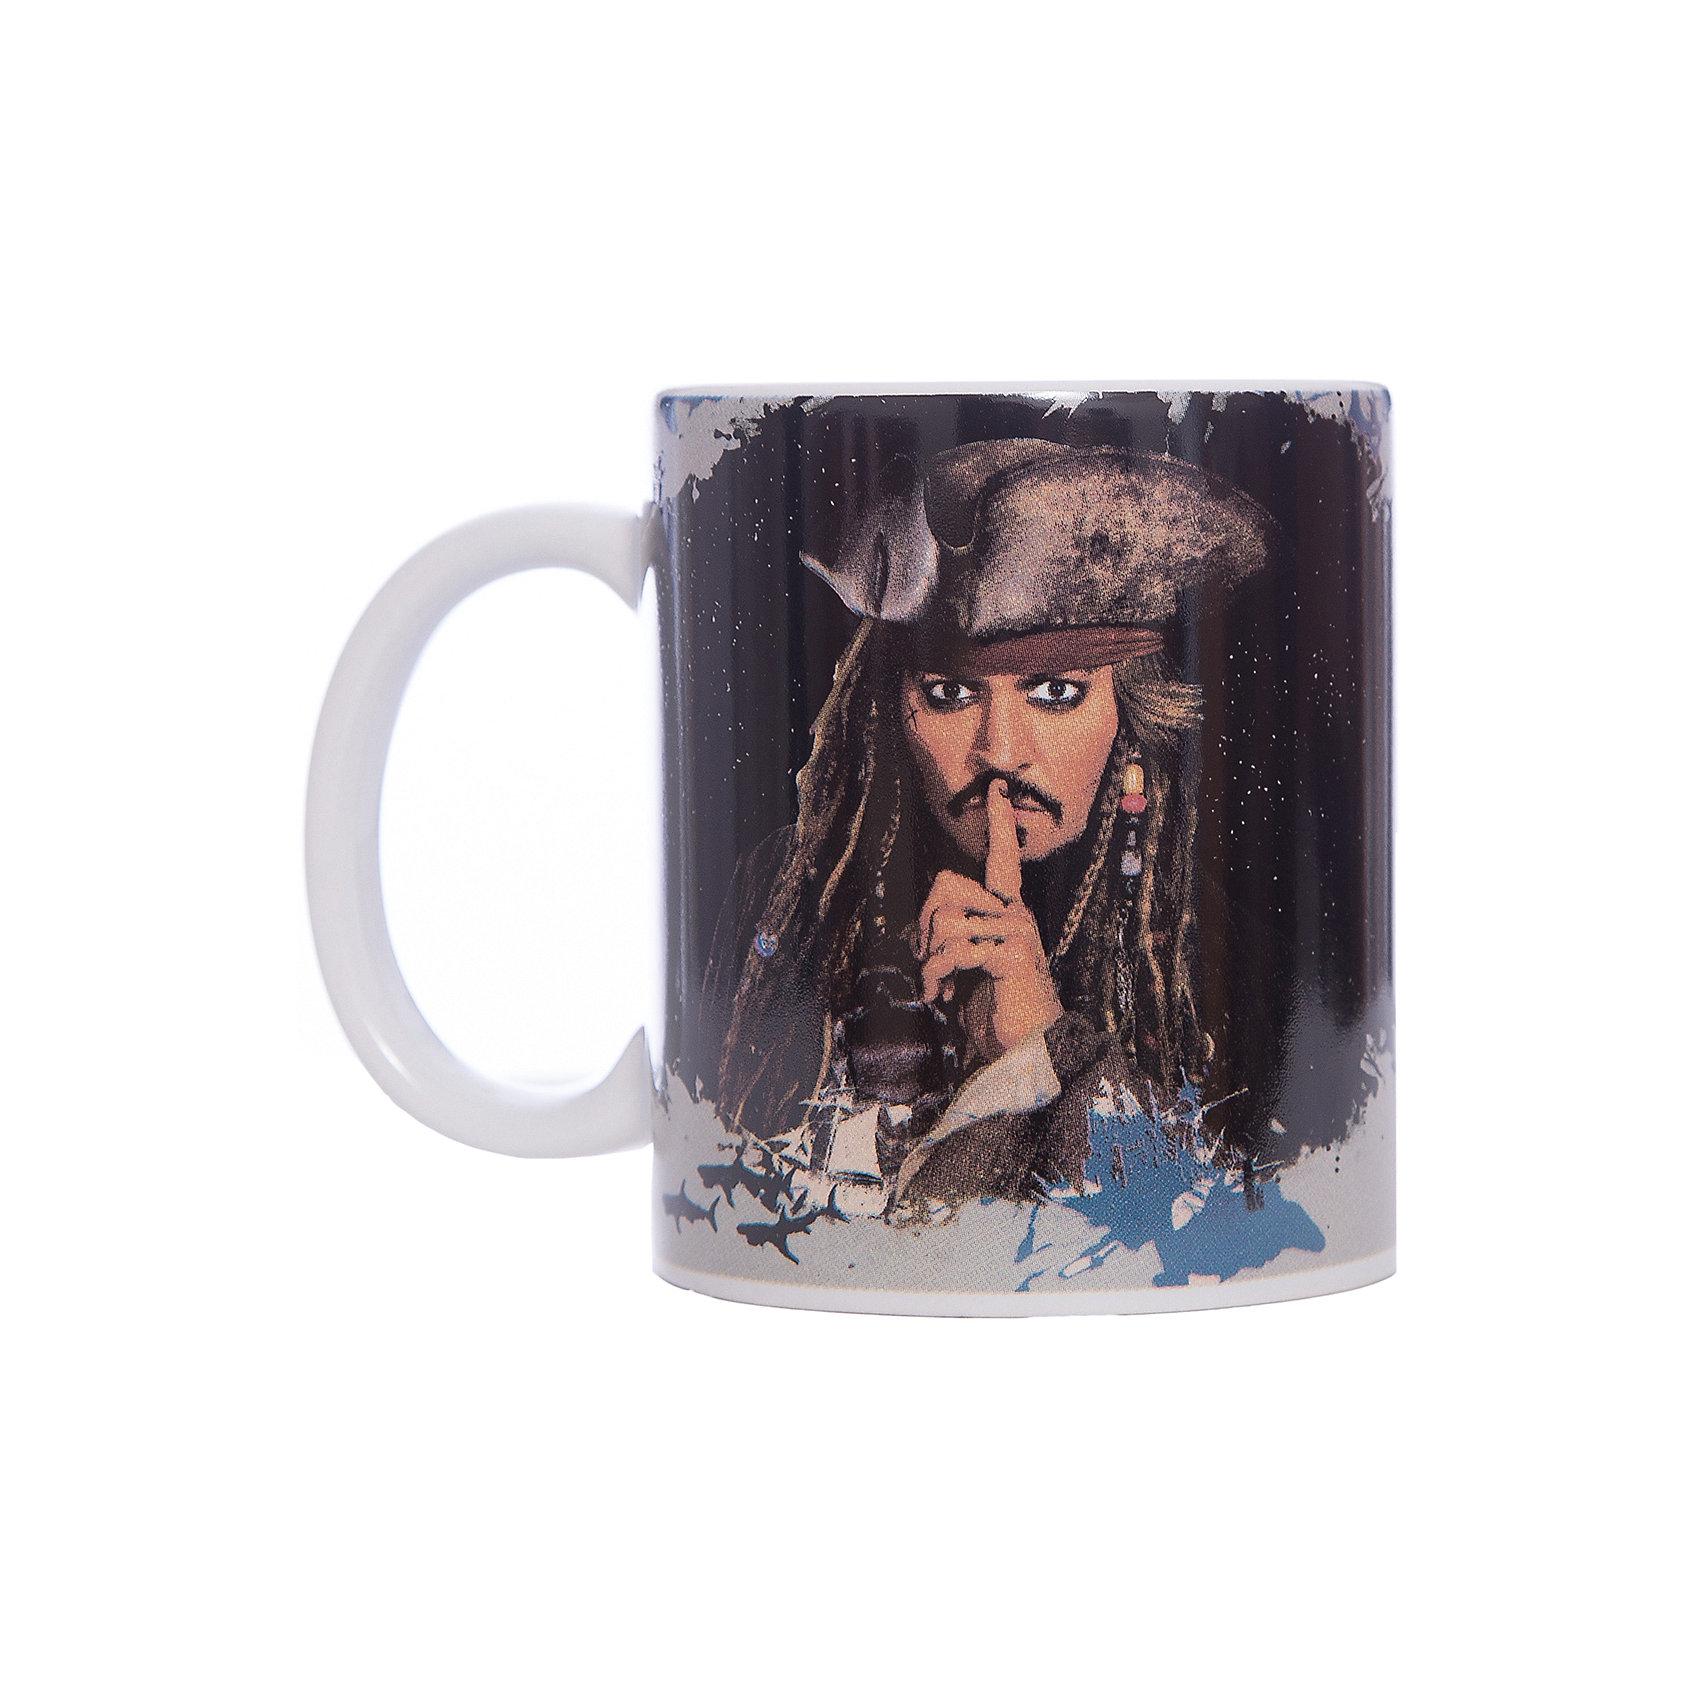 Кружка Пираты Карибского Моря. Капитан Джек Воробей, 350 мл., DisneyПосуда<br>Характеристики:<br><br>• Материал: керамика<br>• Тематика рисунка: Пираты Карибского моря<br>• Можно использовать для горячих и холодных напитков<br>• Объем: 350 мл<br>• Вес: 323 г<br>• Размеры (Д*Ш*В): 12*8,2*9,5 см<br>• Особенности ухода: можно мыть в посудомоечной машине<br><br>Кружка Пираты Карибского моря. Капитан Джек Воробей, 350 мл., Disney выполнена в стильном дизайне: на черном корпусе нанесено изображение капитана Джека Воробья, ручка у кружки белая. Изображение устойчиво к появлению царапин, не выцветает при частом мытье. <br><br>Кружку Пираты Карибского моря. Капитан Джек Воробей, 350 мл., Disney можно купить в нашем интернет-магазине.<br><br>Ширина мм: 120<br>Глубина мм: 82<br>Высота мм: 95<br>Вес г: 323<br>Возраст от месяцев: 36<br>Возраст до месяцев: 1188<br>Пол: Унисекс<br>Возраст: Детский<br>SKU: 6849937